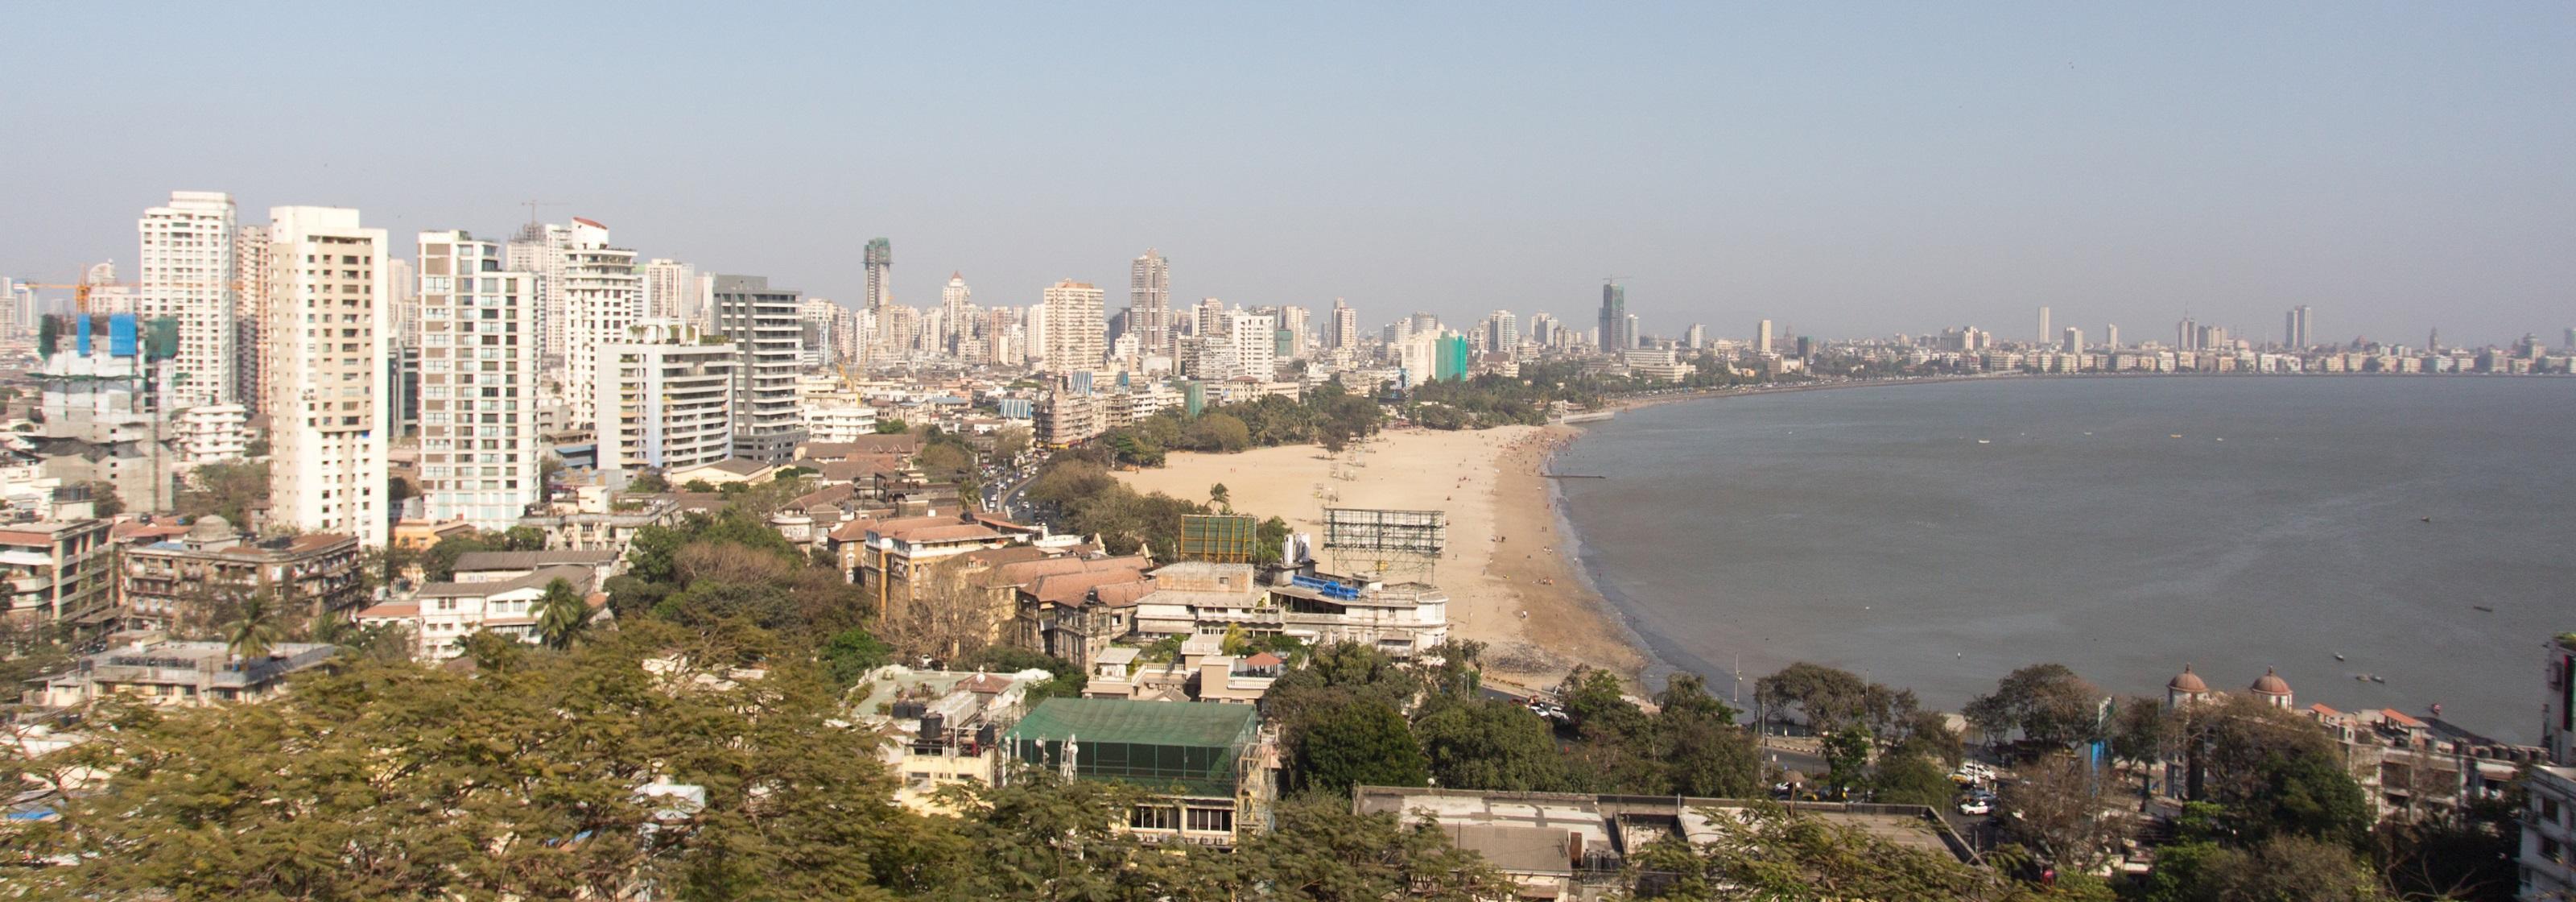 Aktivitäten in Mumbai